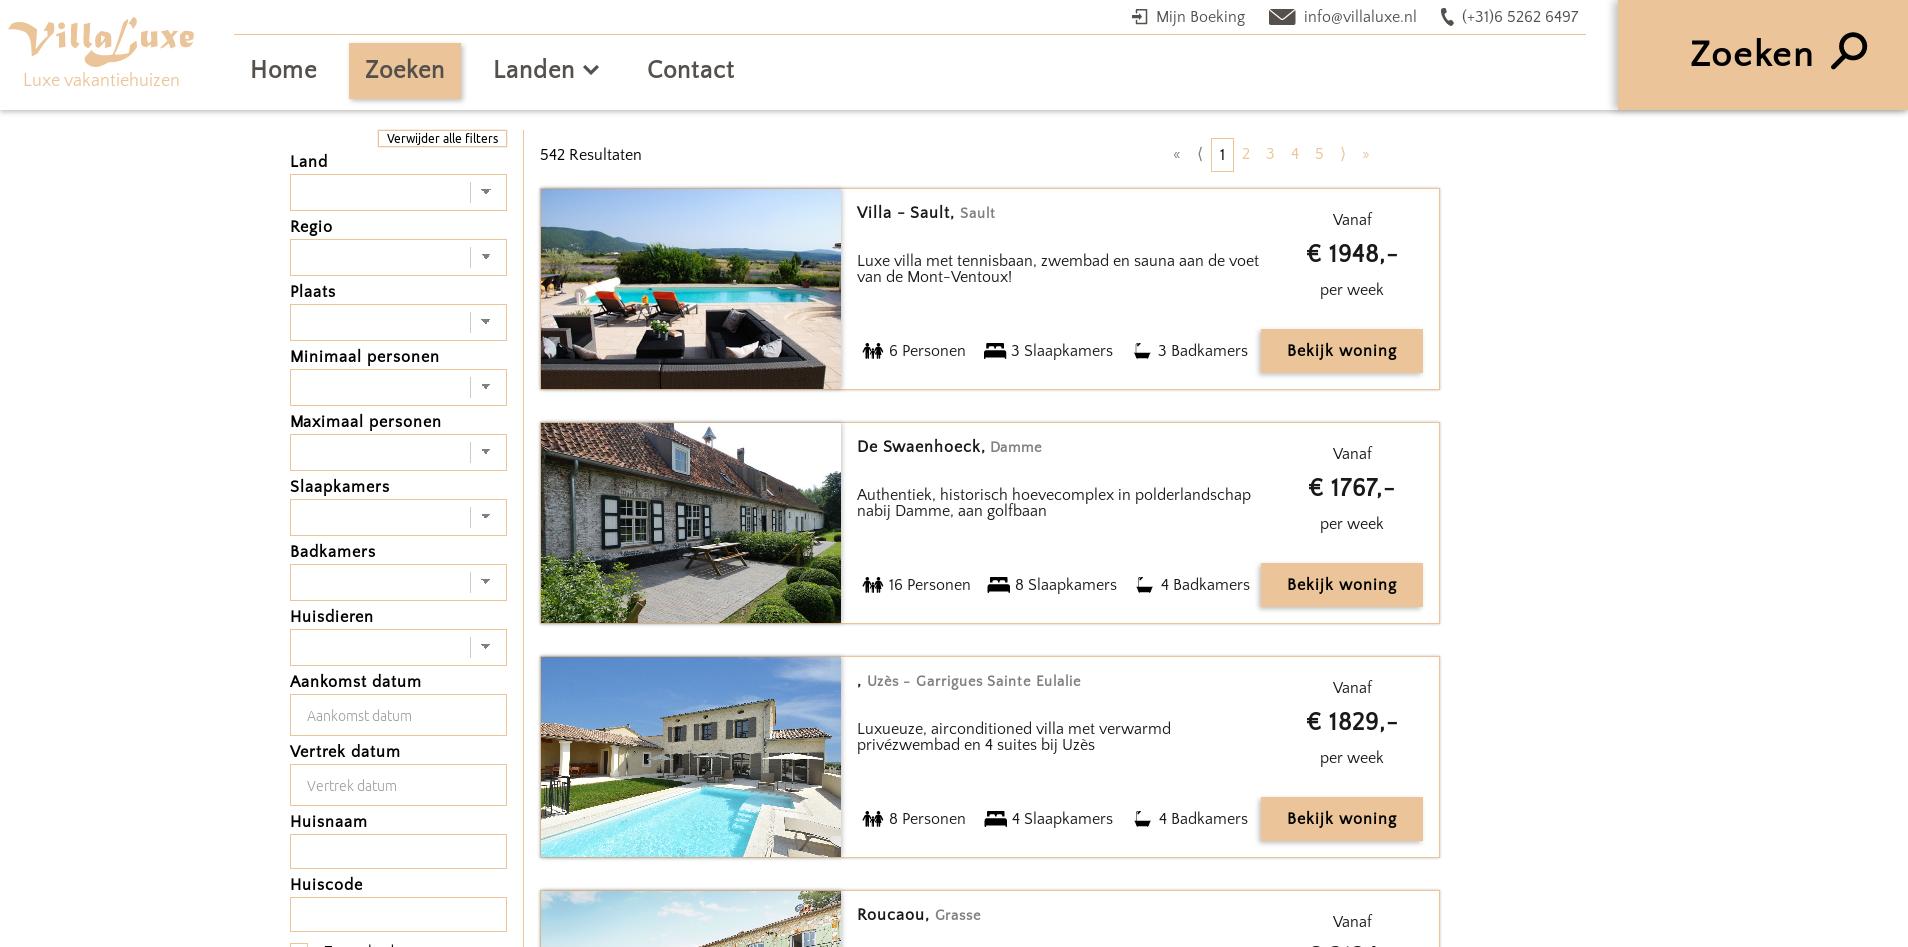 Screenshot_2019-01-23 VillaLuxe Zoeken.png